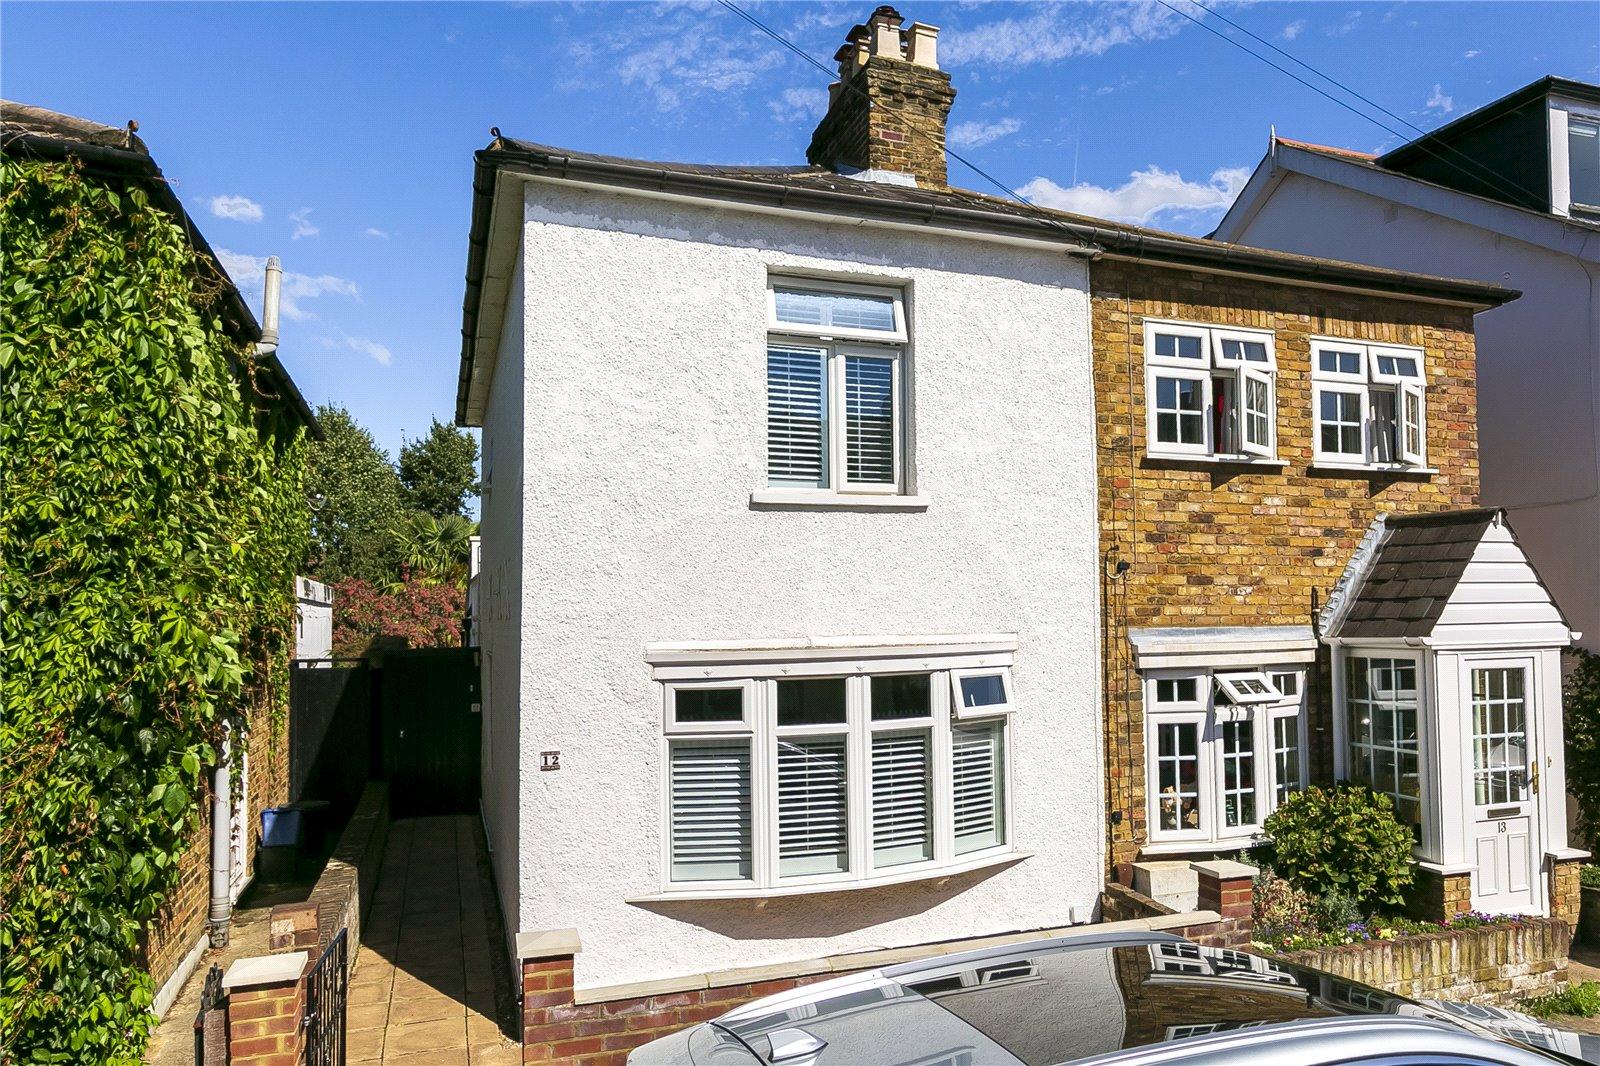 Chestnut Road, Twickenham, TW2 5QZ - Antony Roberts